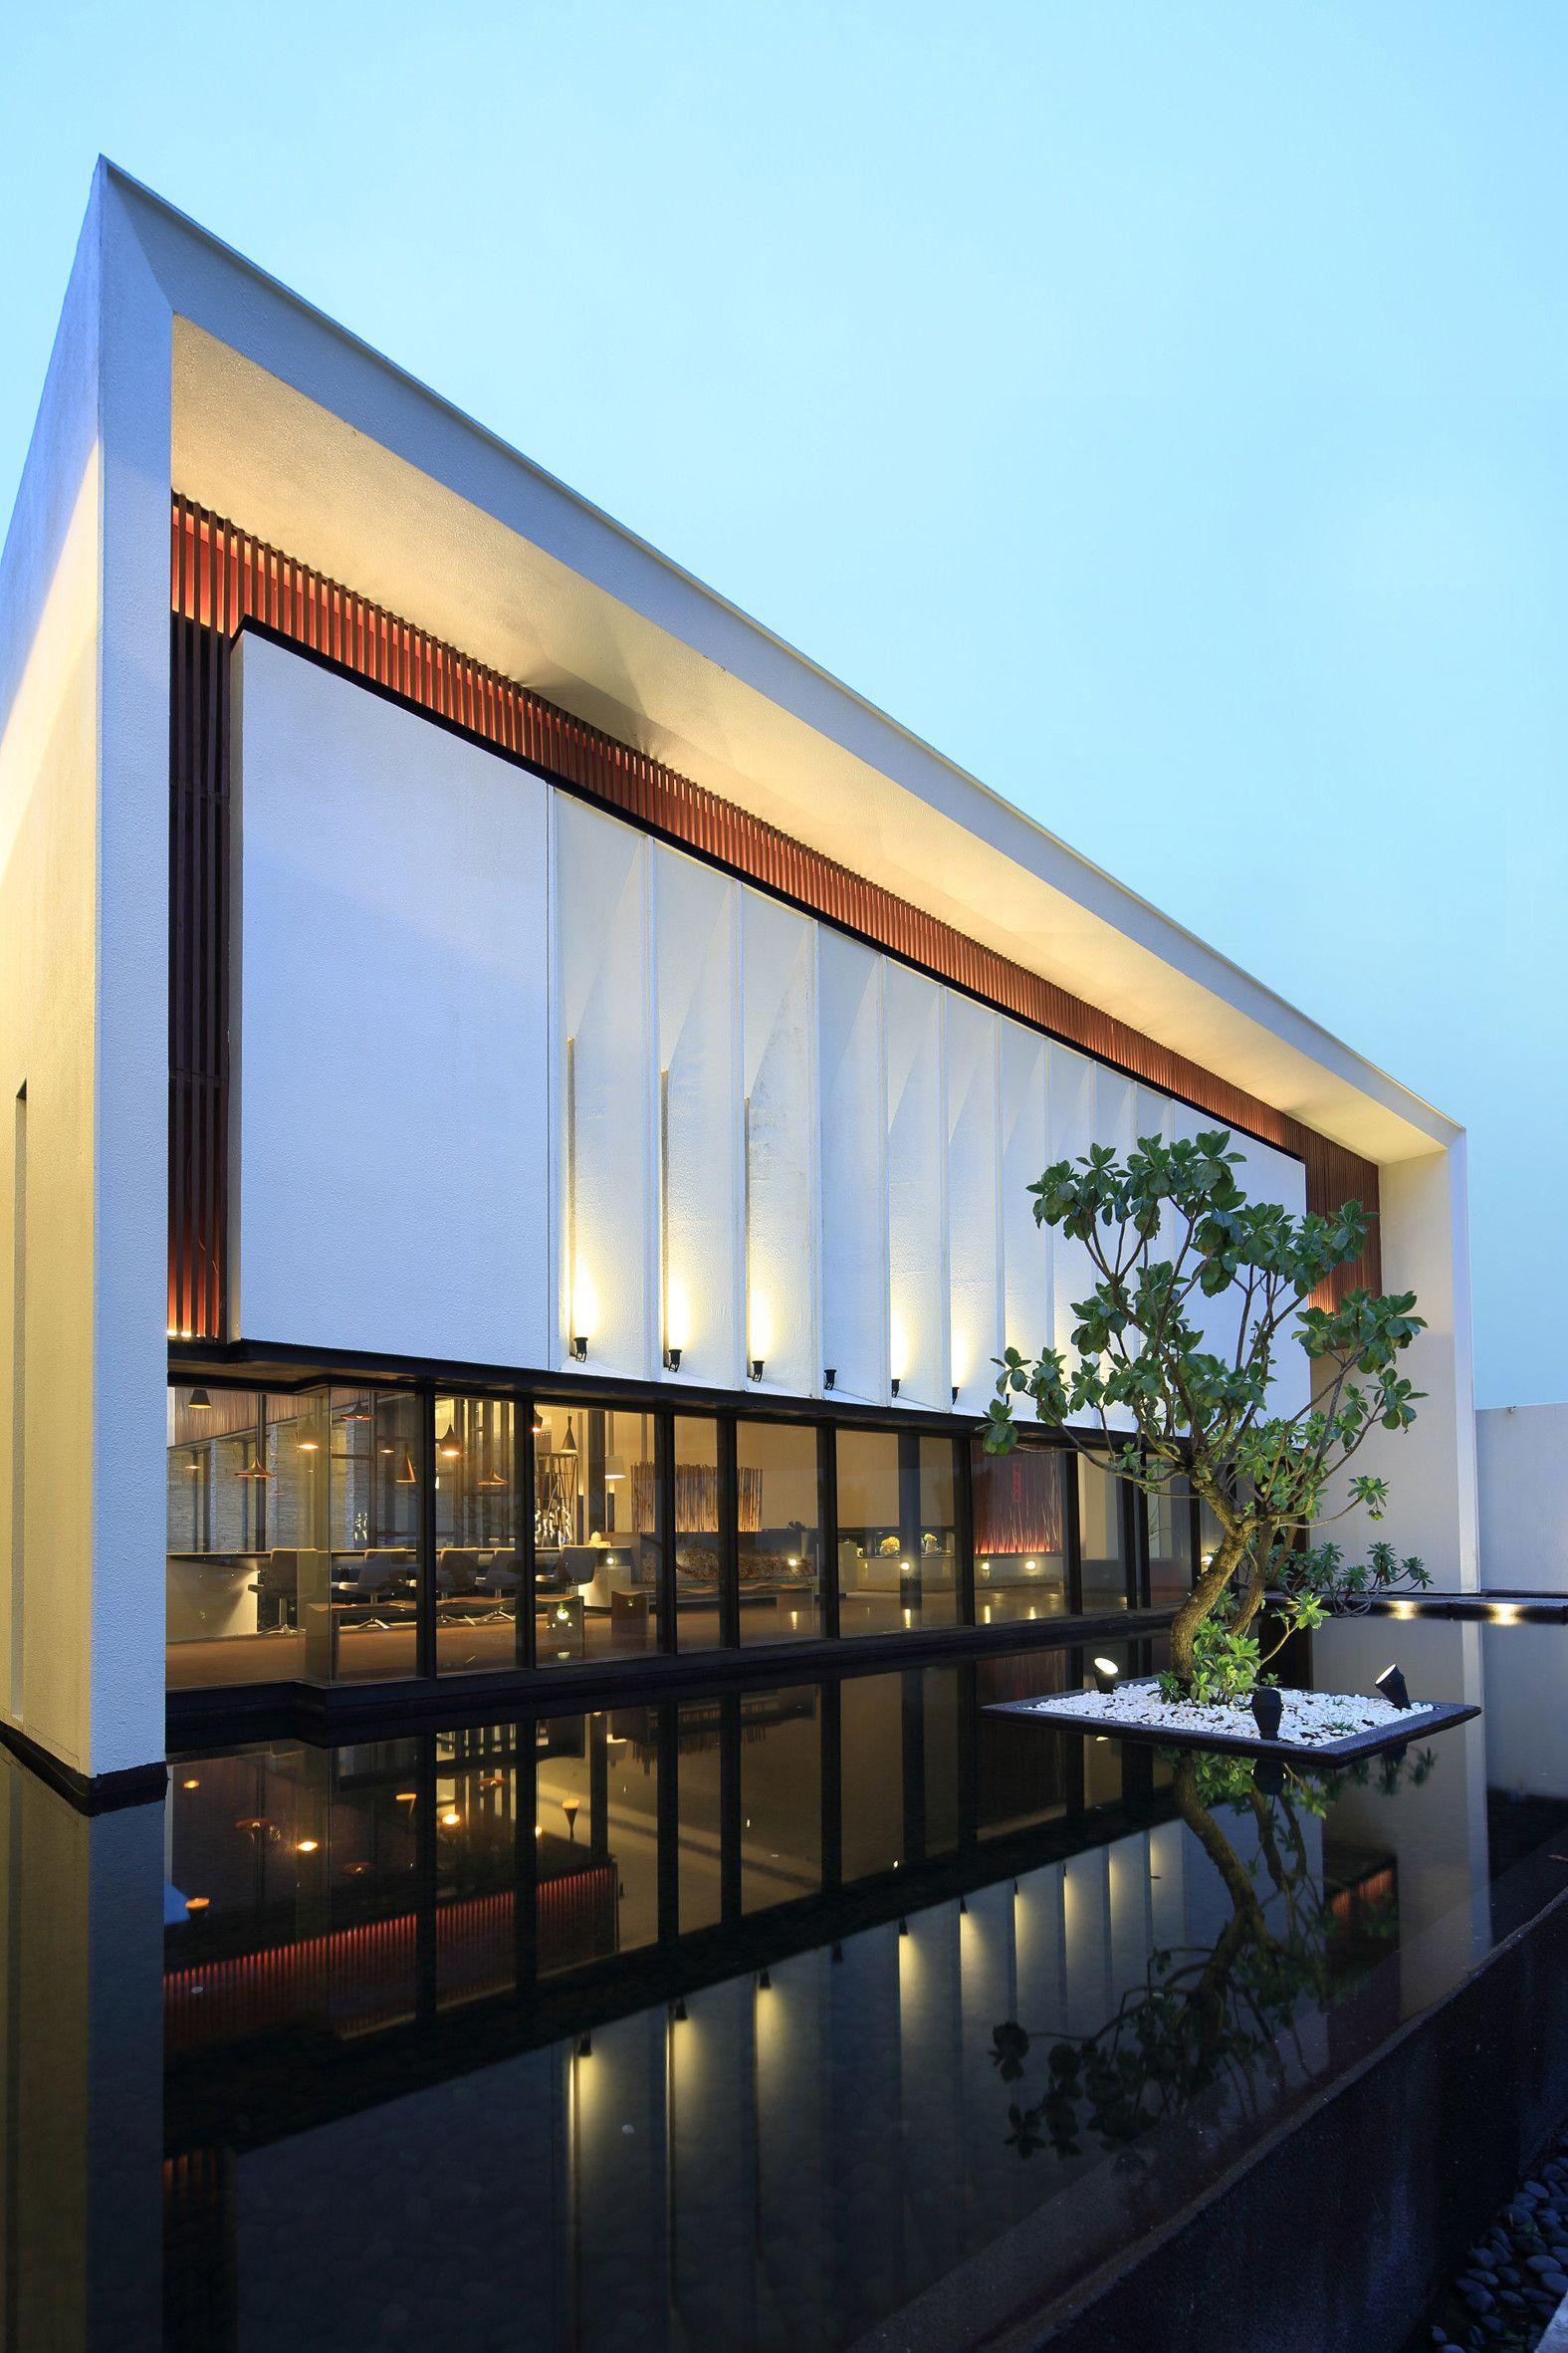 Gallery Of Exquisite Minimalist Arcadian Architecture Design 12 Minimalist Architecture Architecture Exterior Architecture